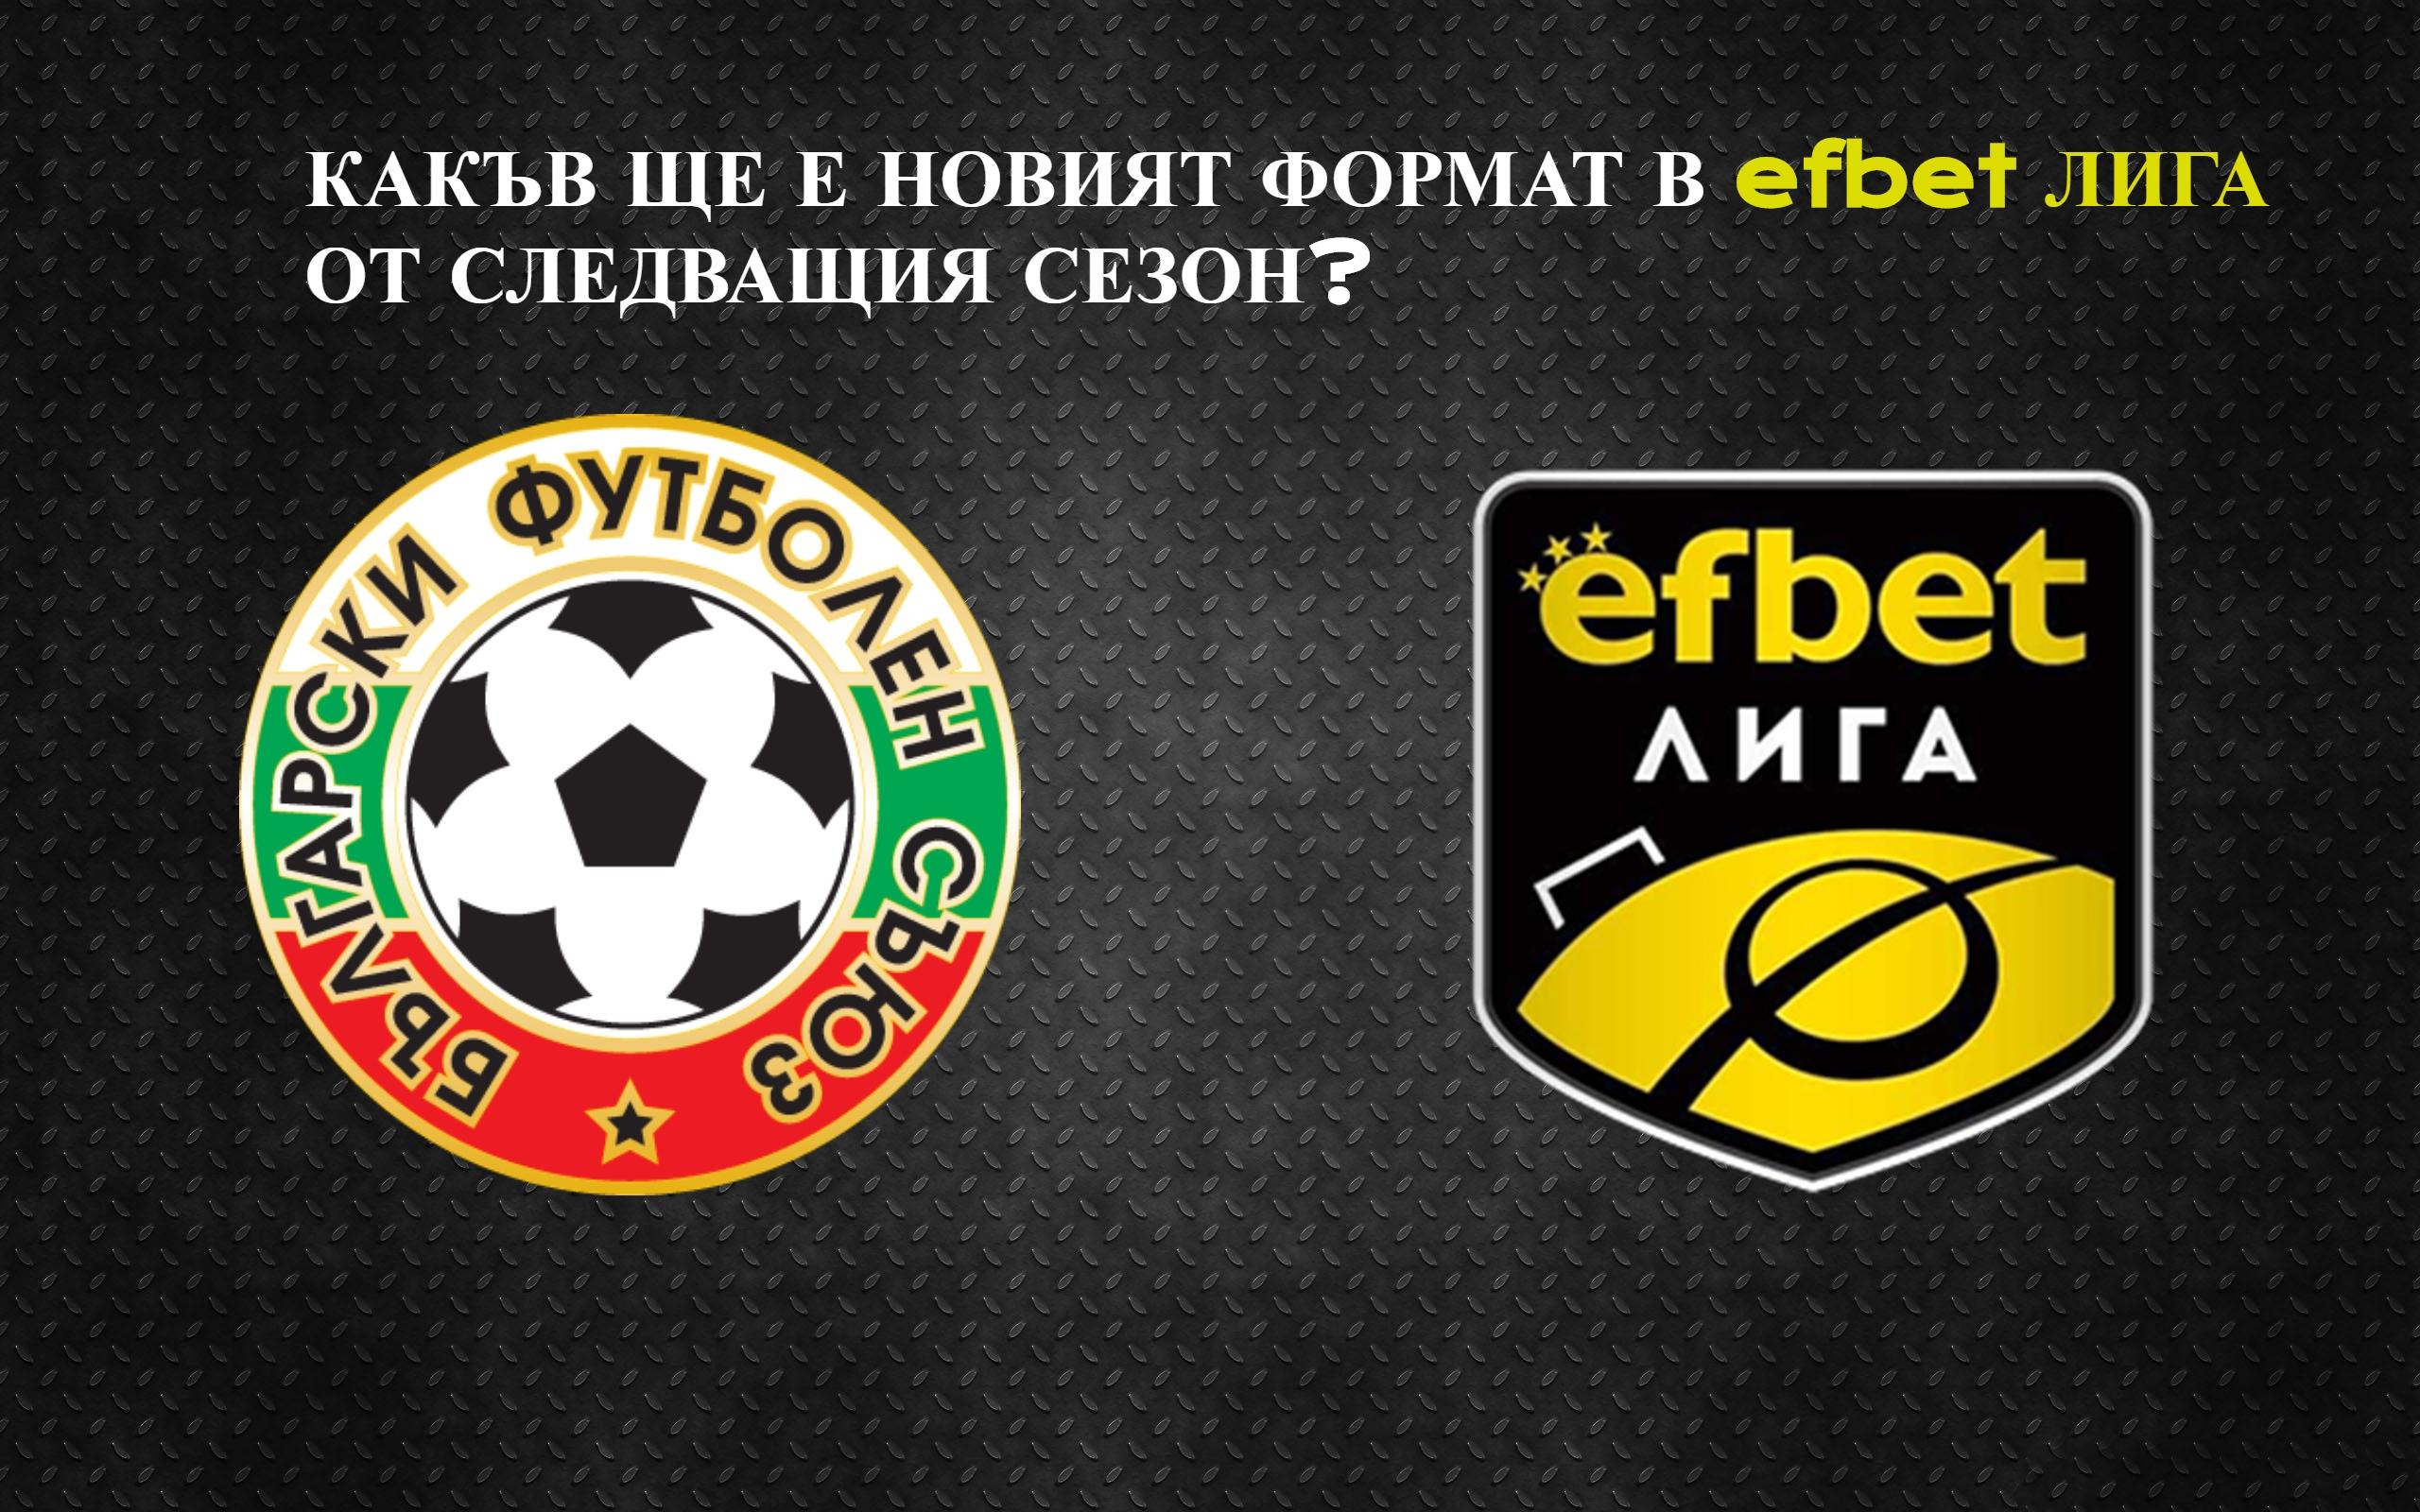 Футболният съюз гласува промени в efbet Лига от следващия сезон